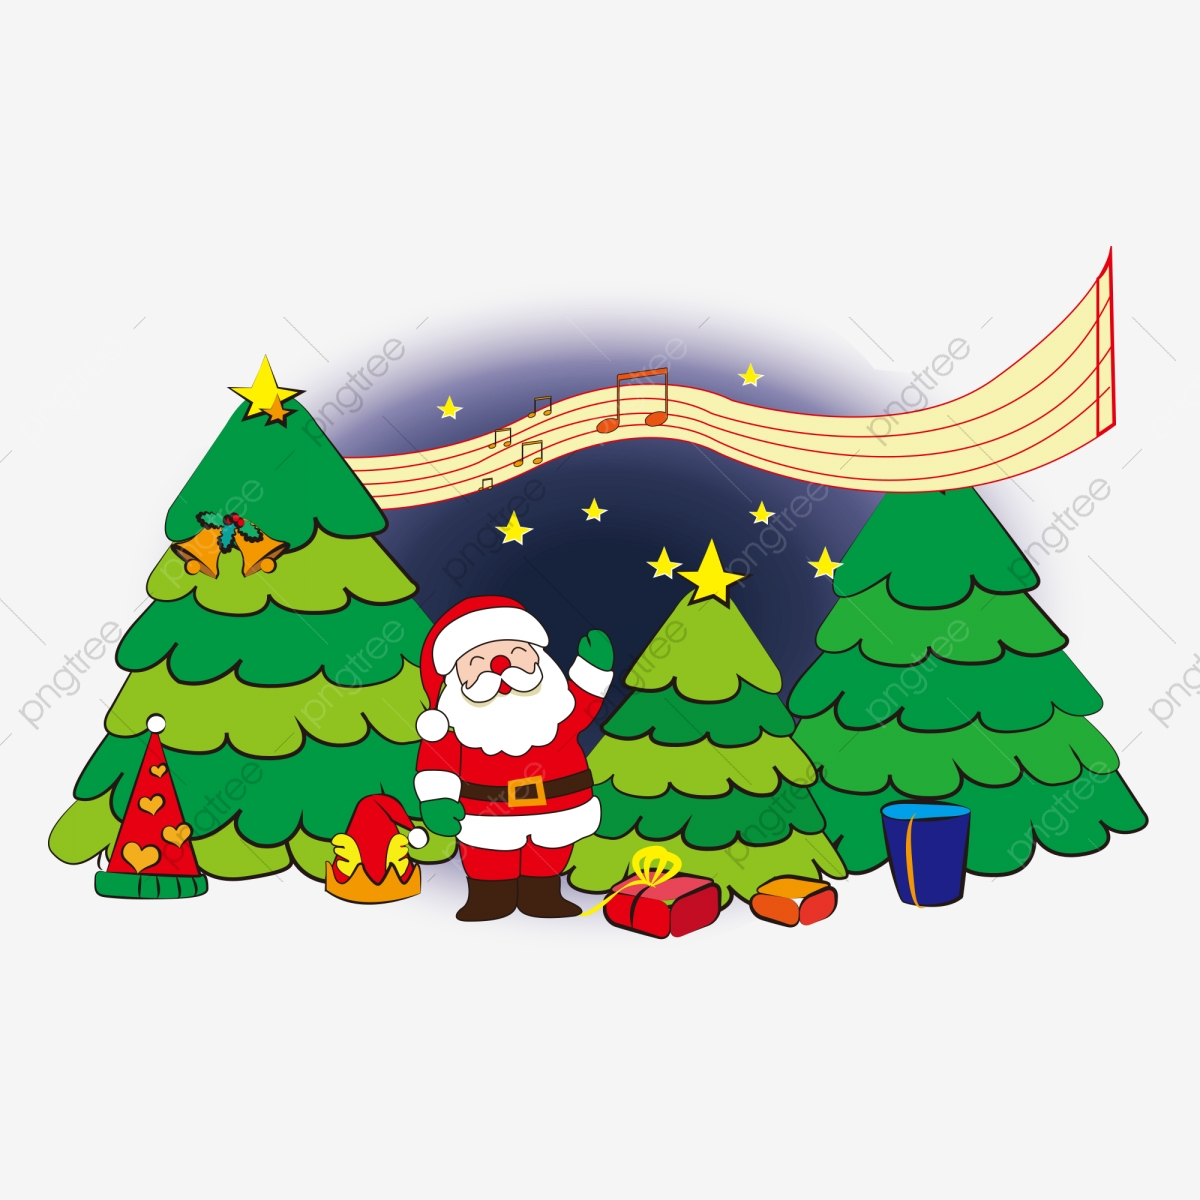 Santa Claus Material, Christmas, Scenes